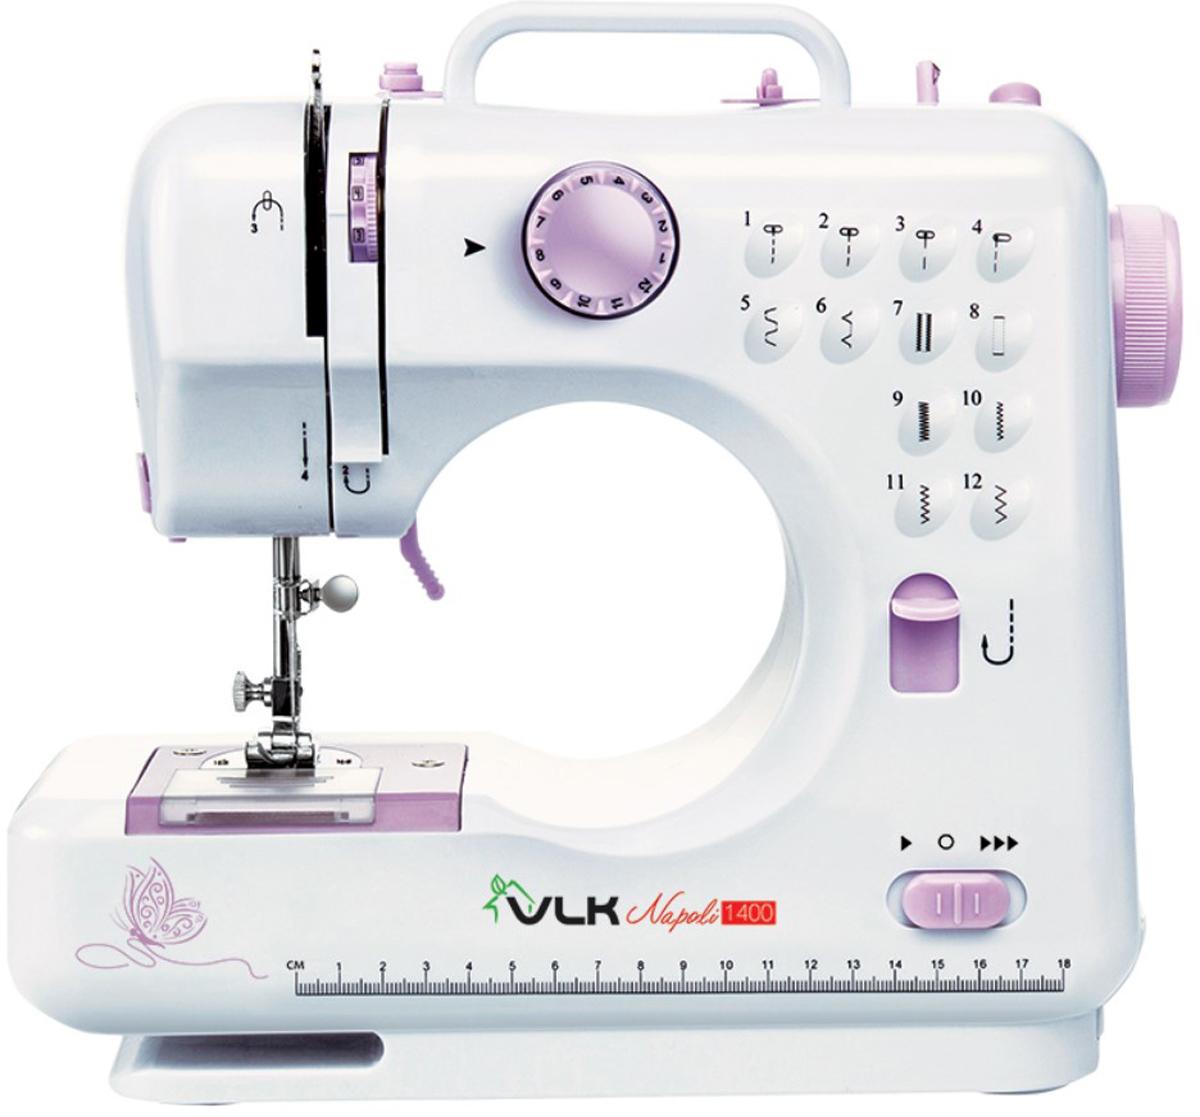 VLK Napoli 1400 швейная машина швейная машина vlk napoli 2800 белый